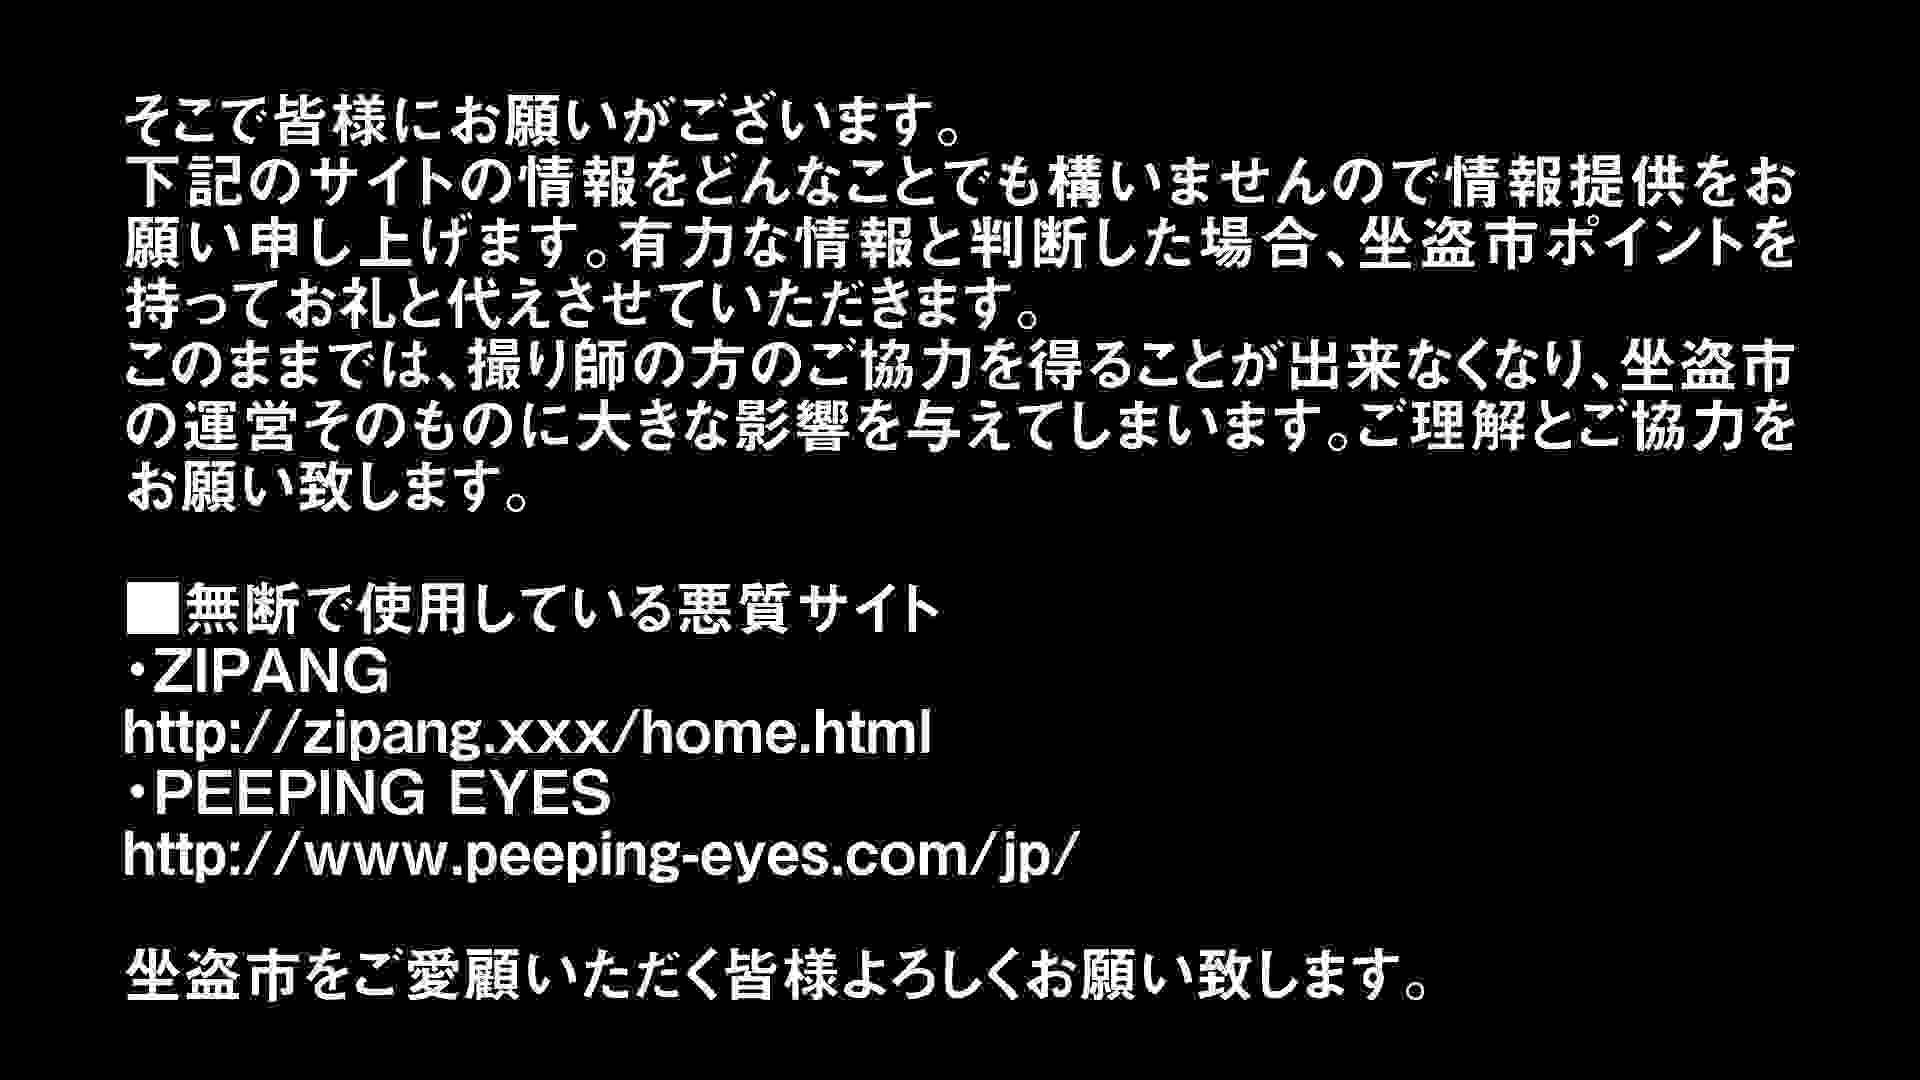 Aquaな露天風呂Vol.300 盗撮シリーズ  110PIX 38